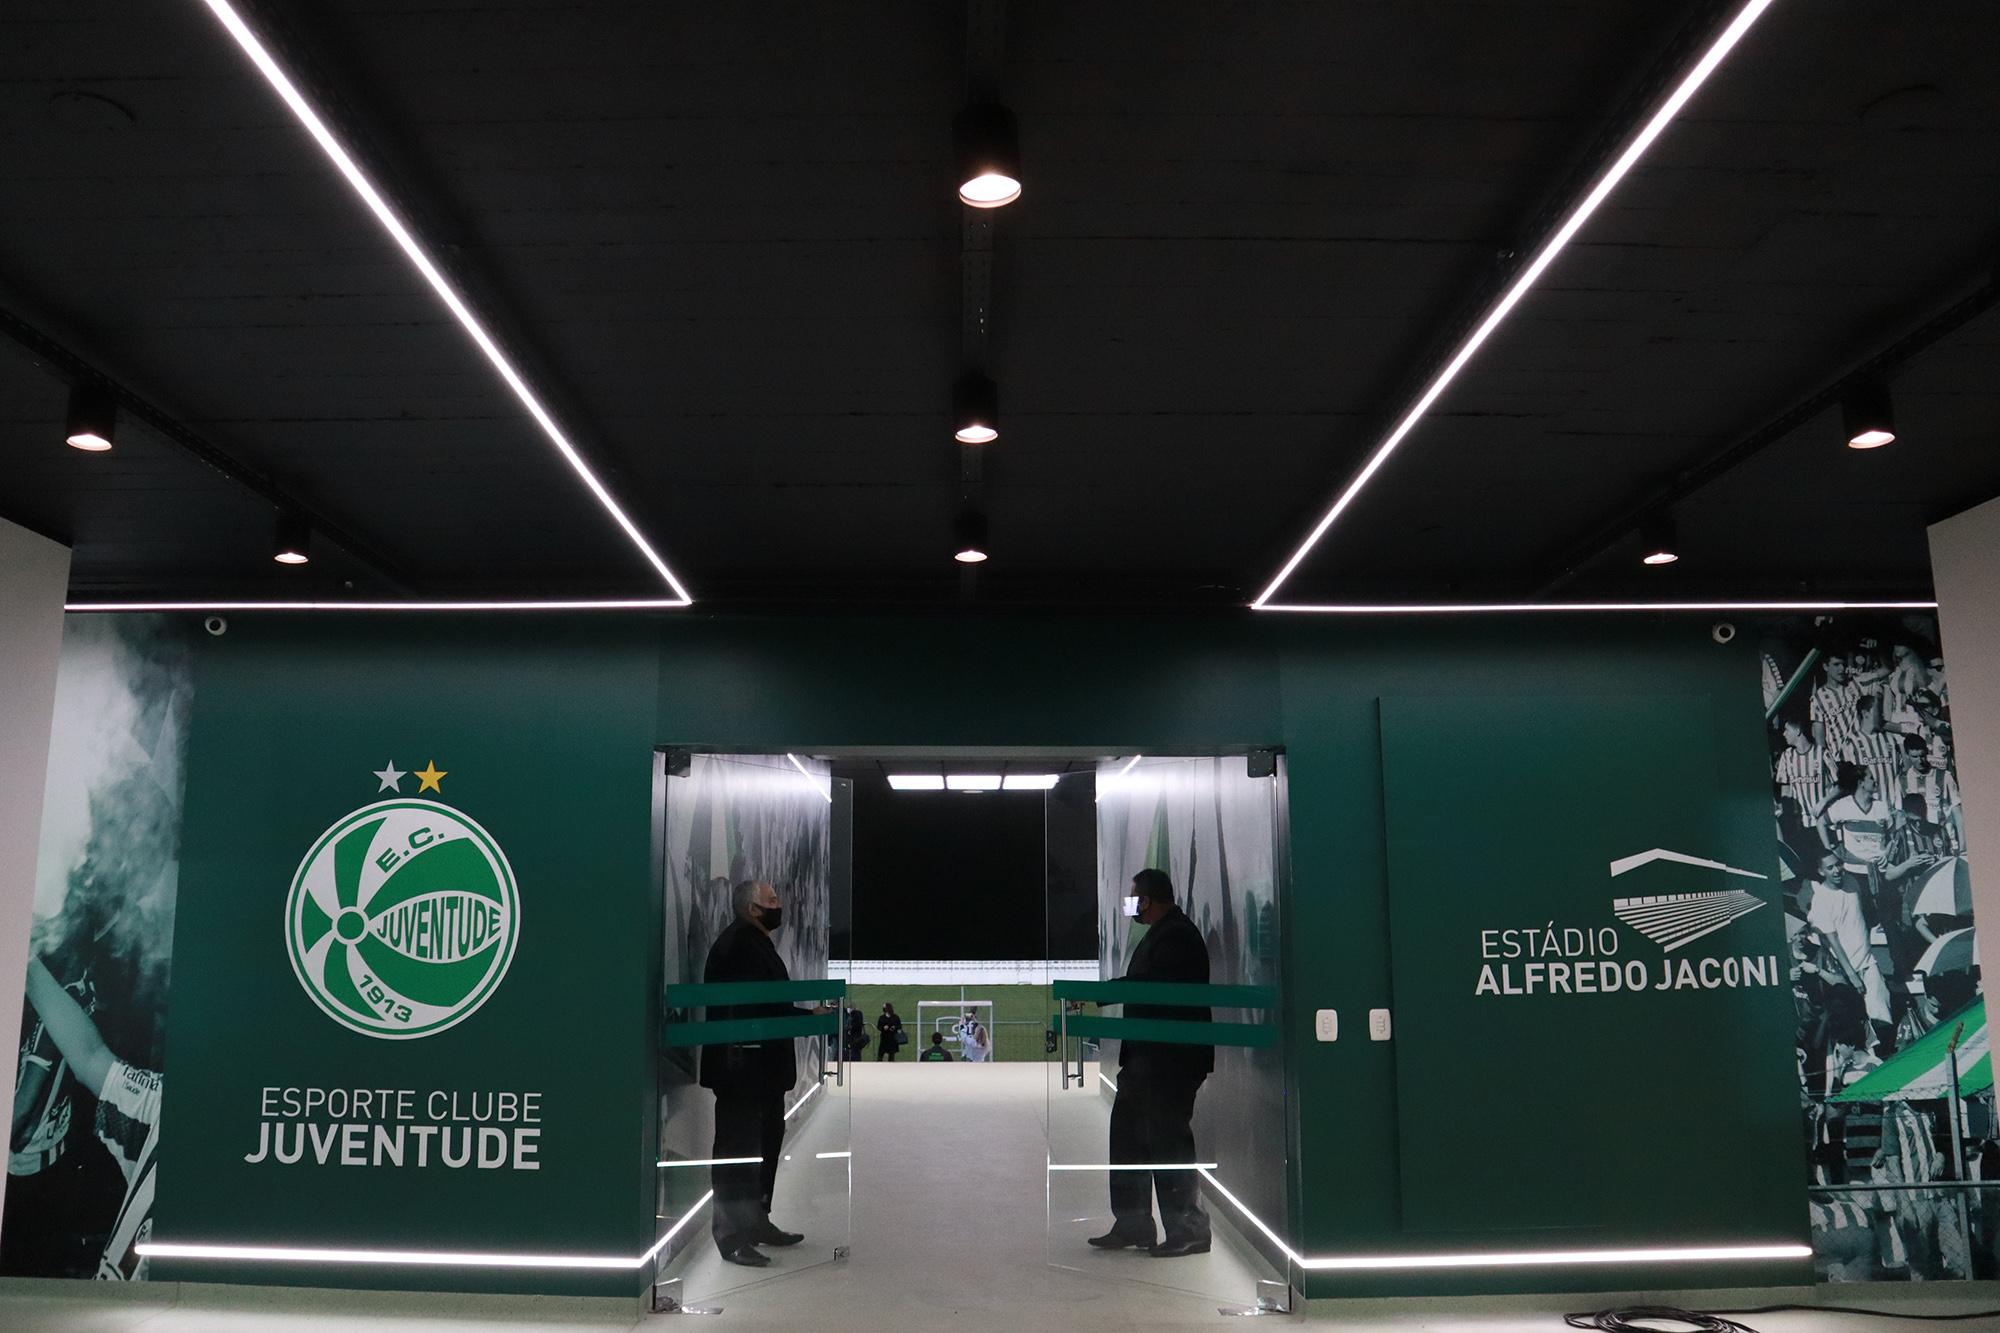 Confira os horários de visitação do memorial e do estádio Alfredo Jaconi